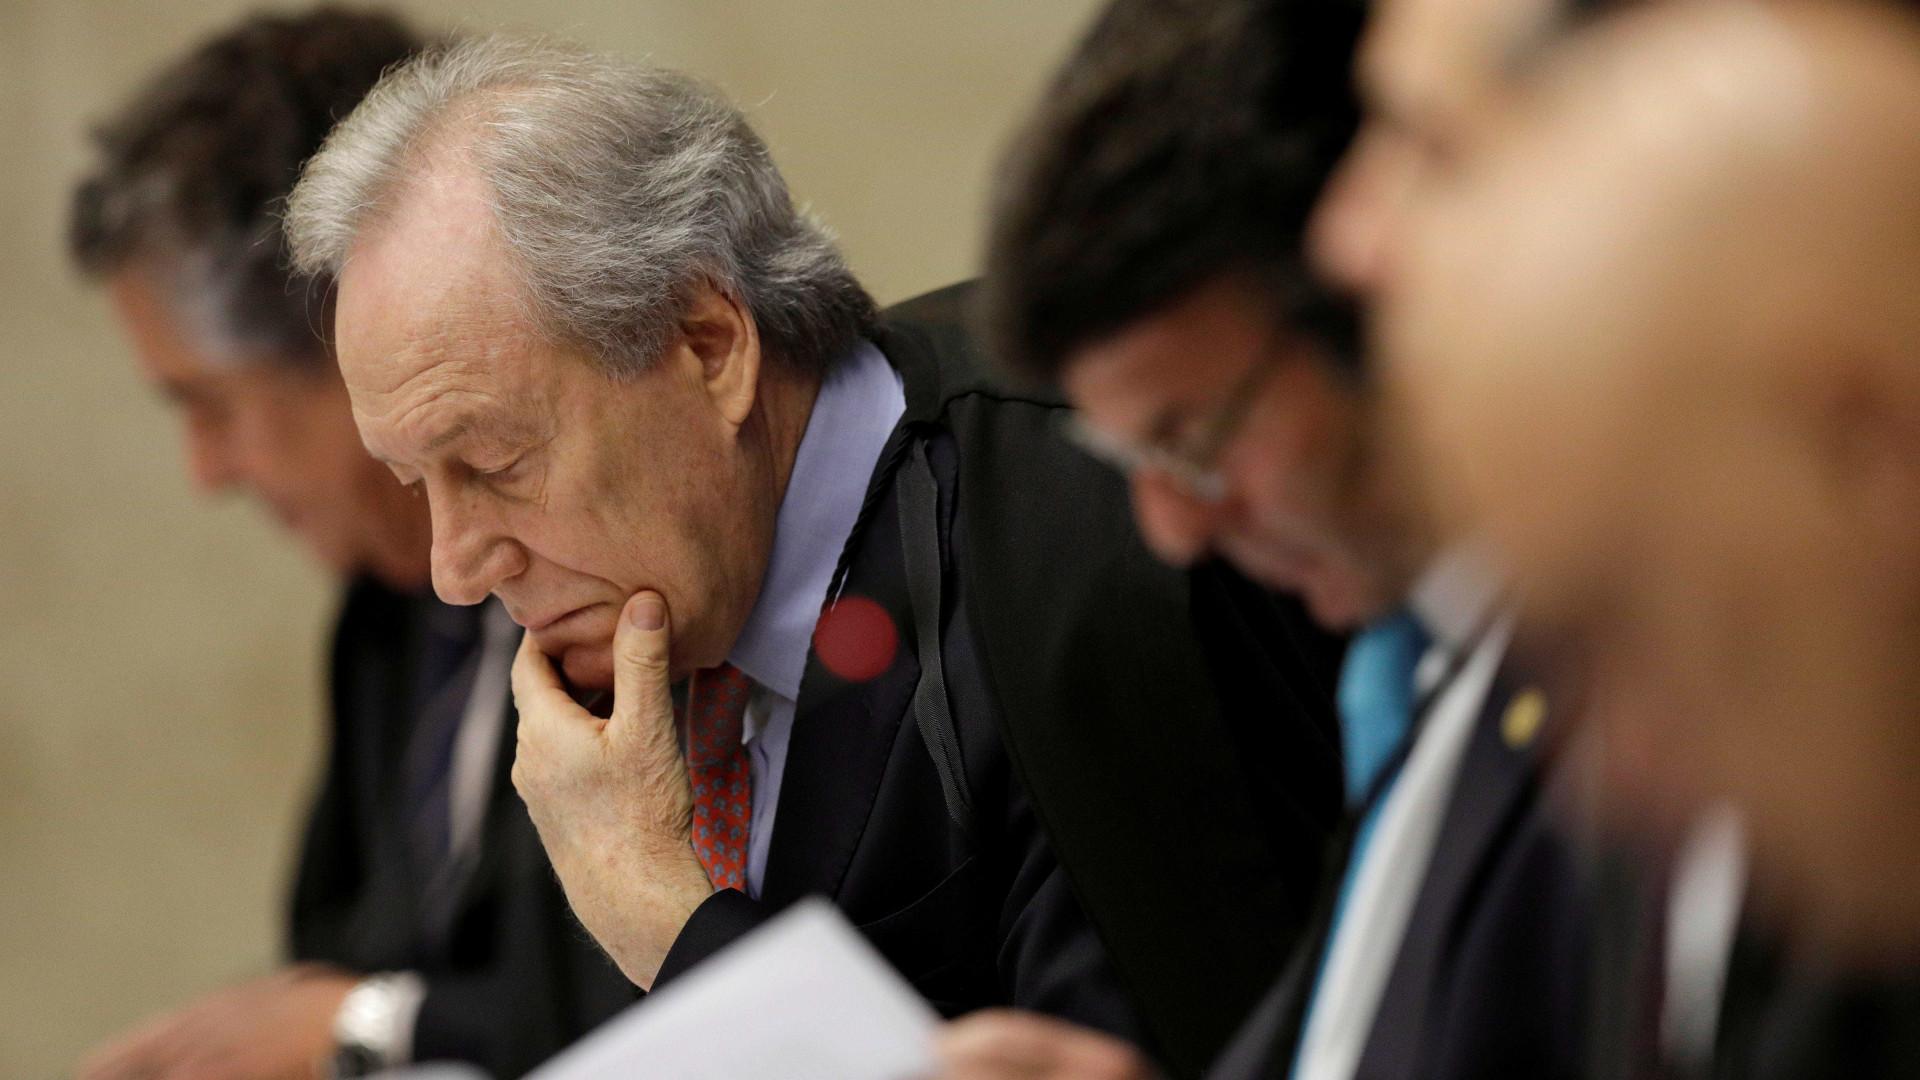 Ministros do STF querem levar liminar de Fux a Plenário